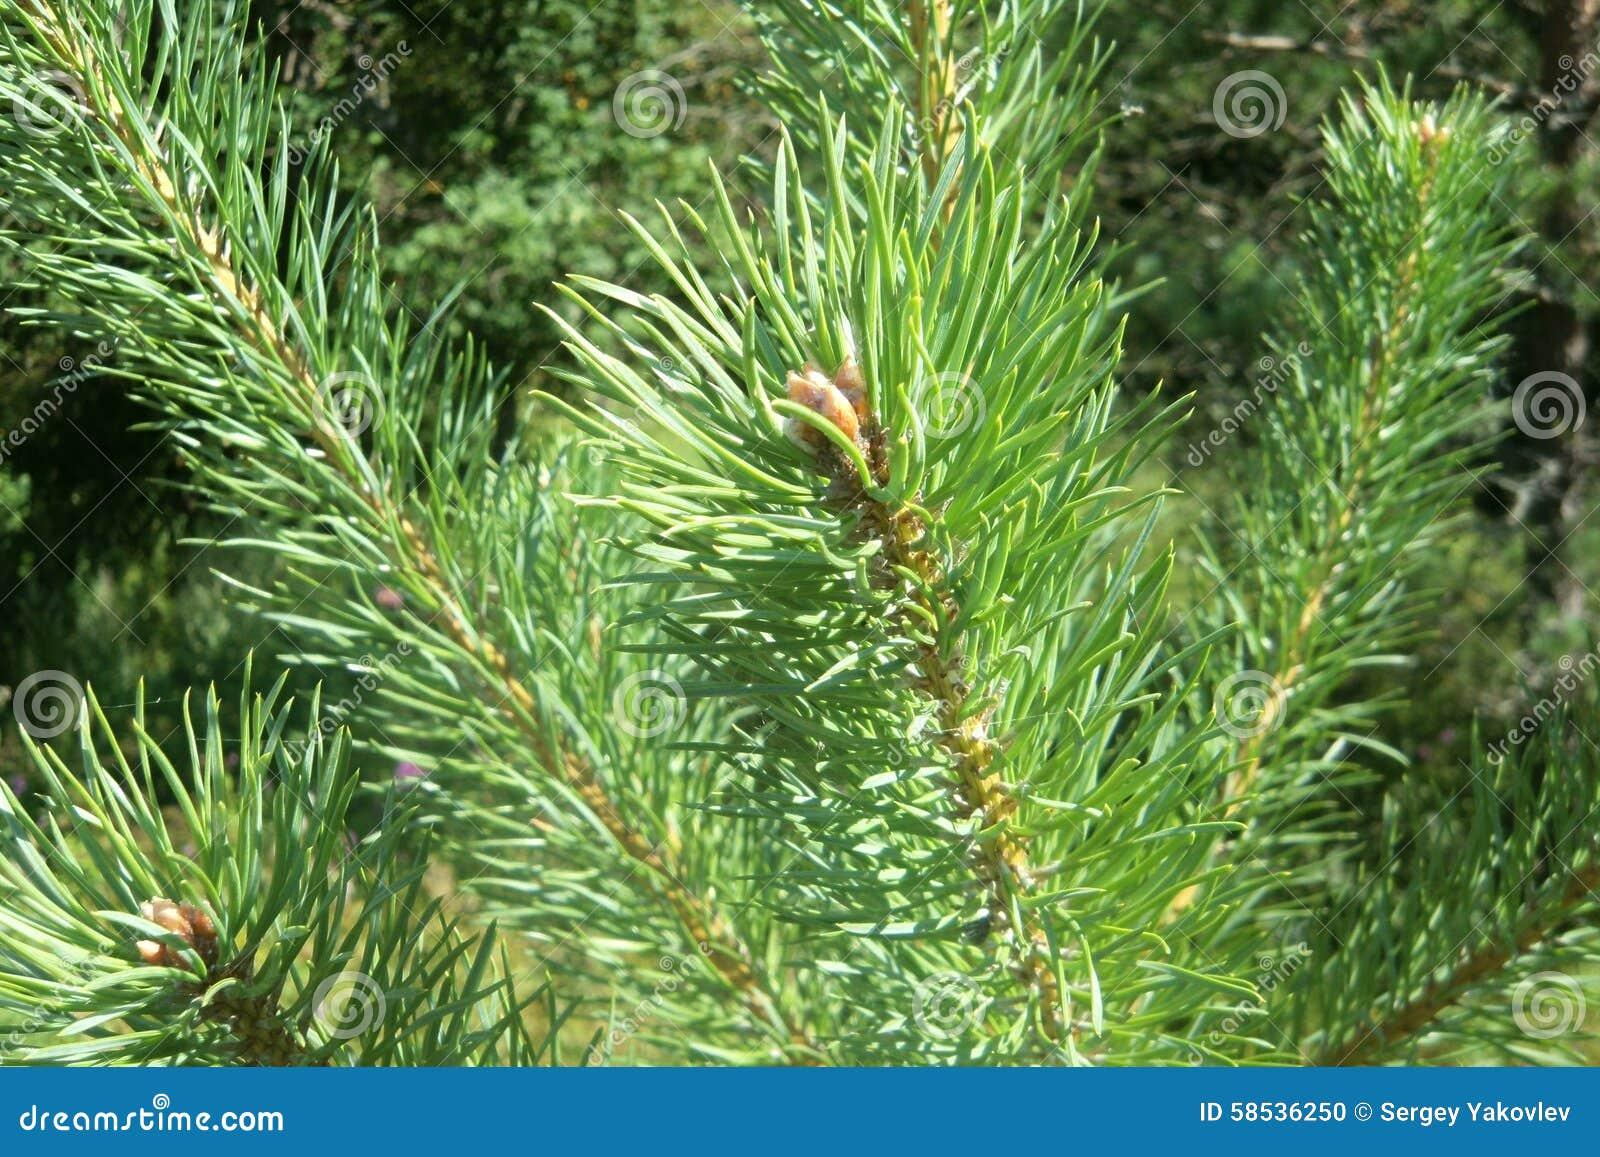 Ramas del pino en primavera